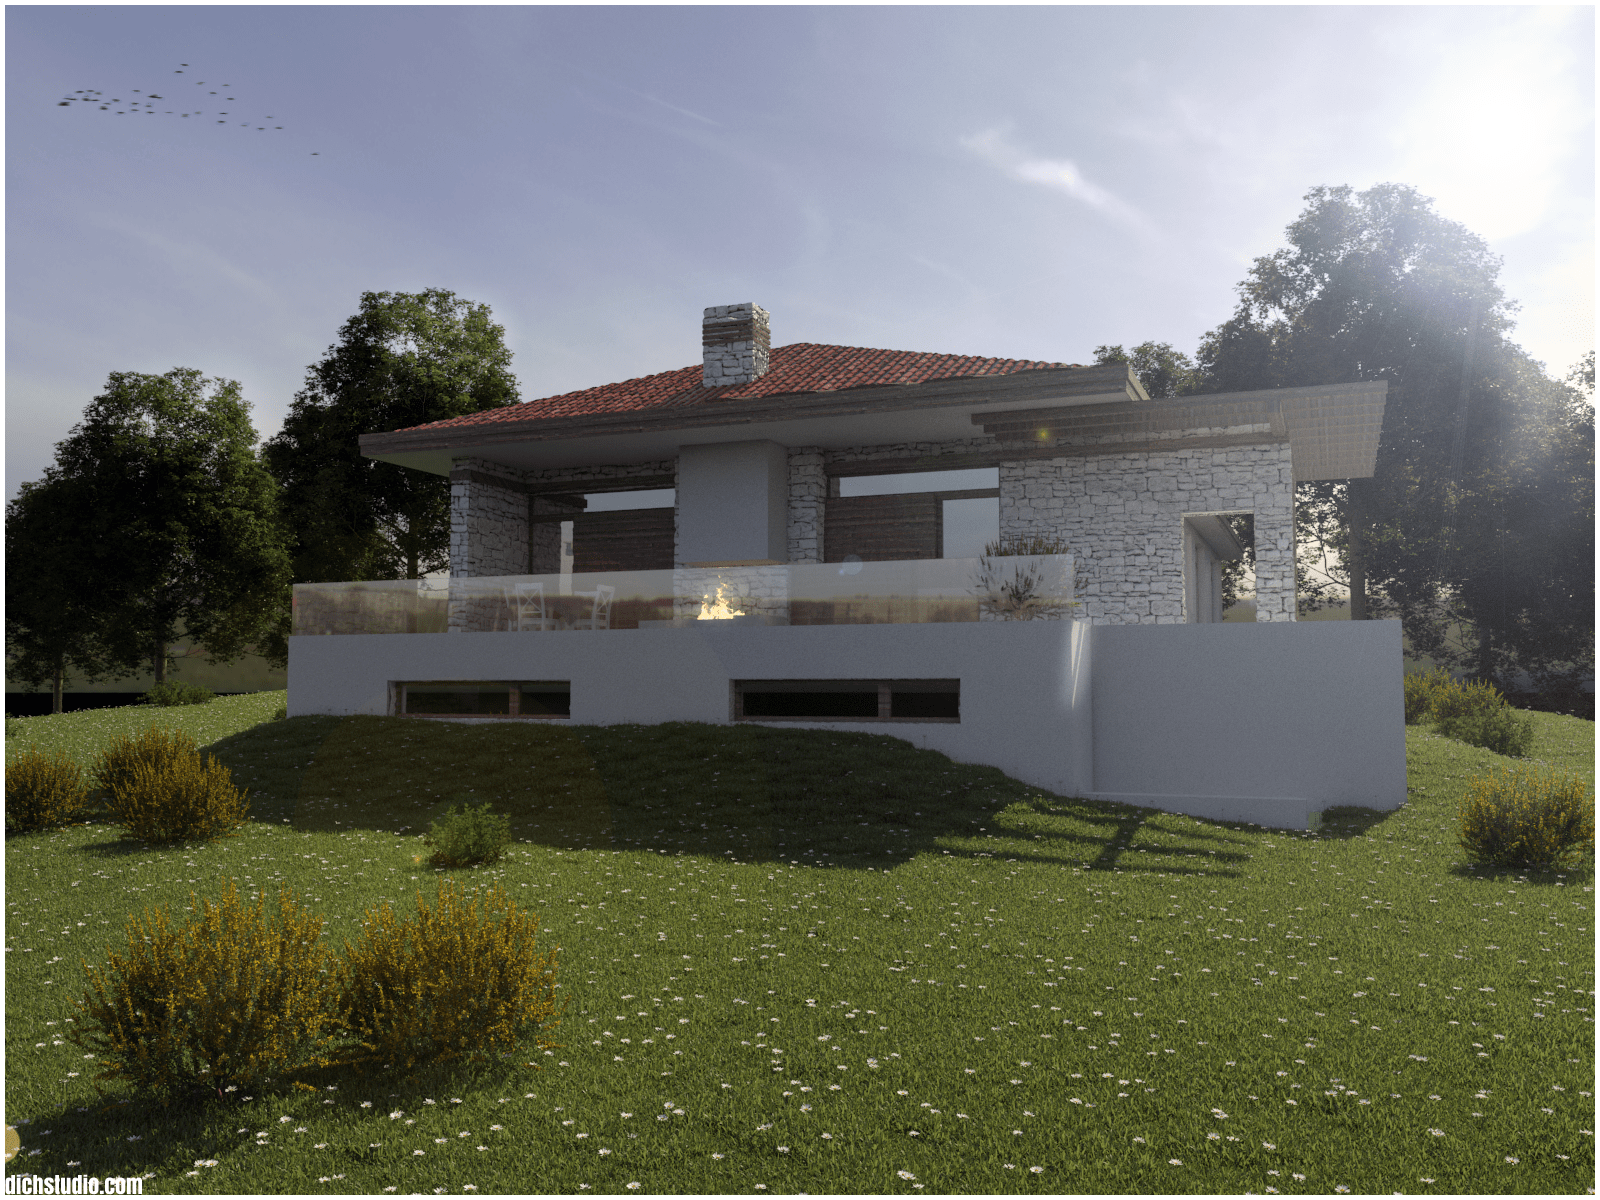 еднофамилна къща - визуализация 7.png